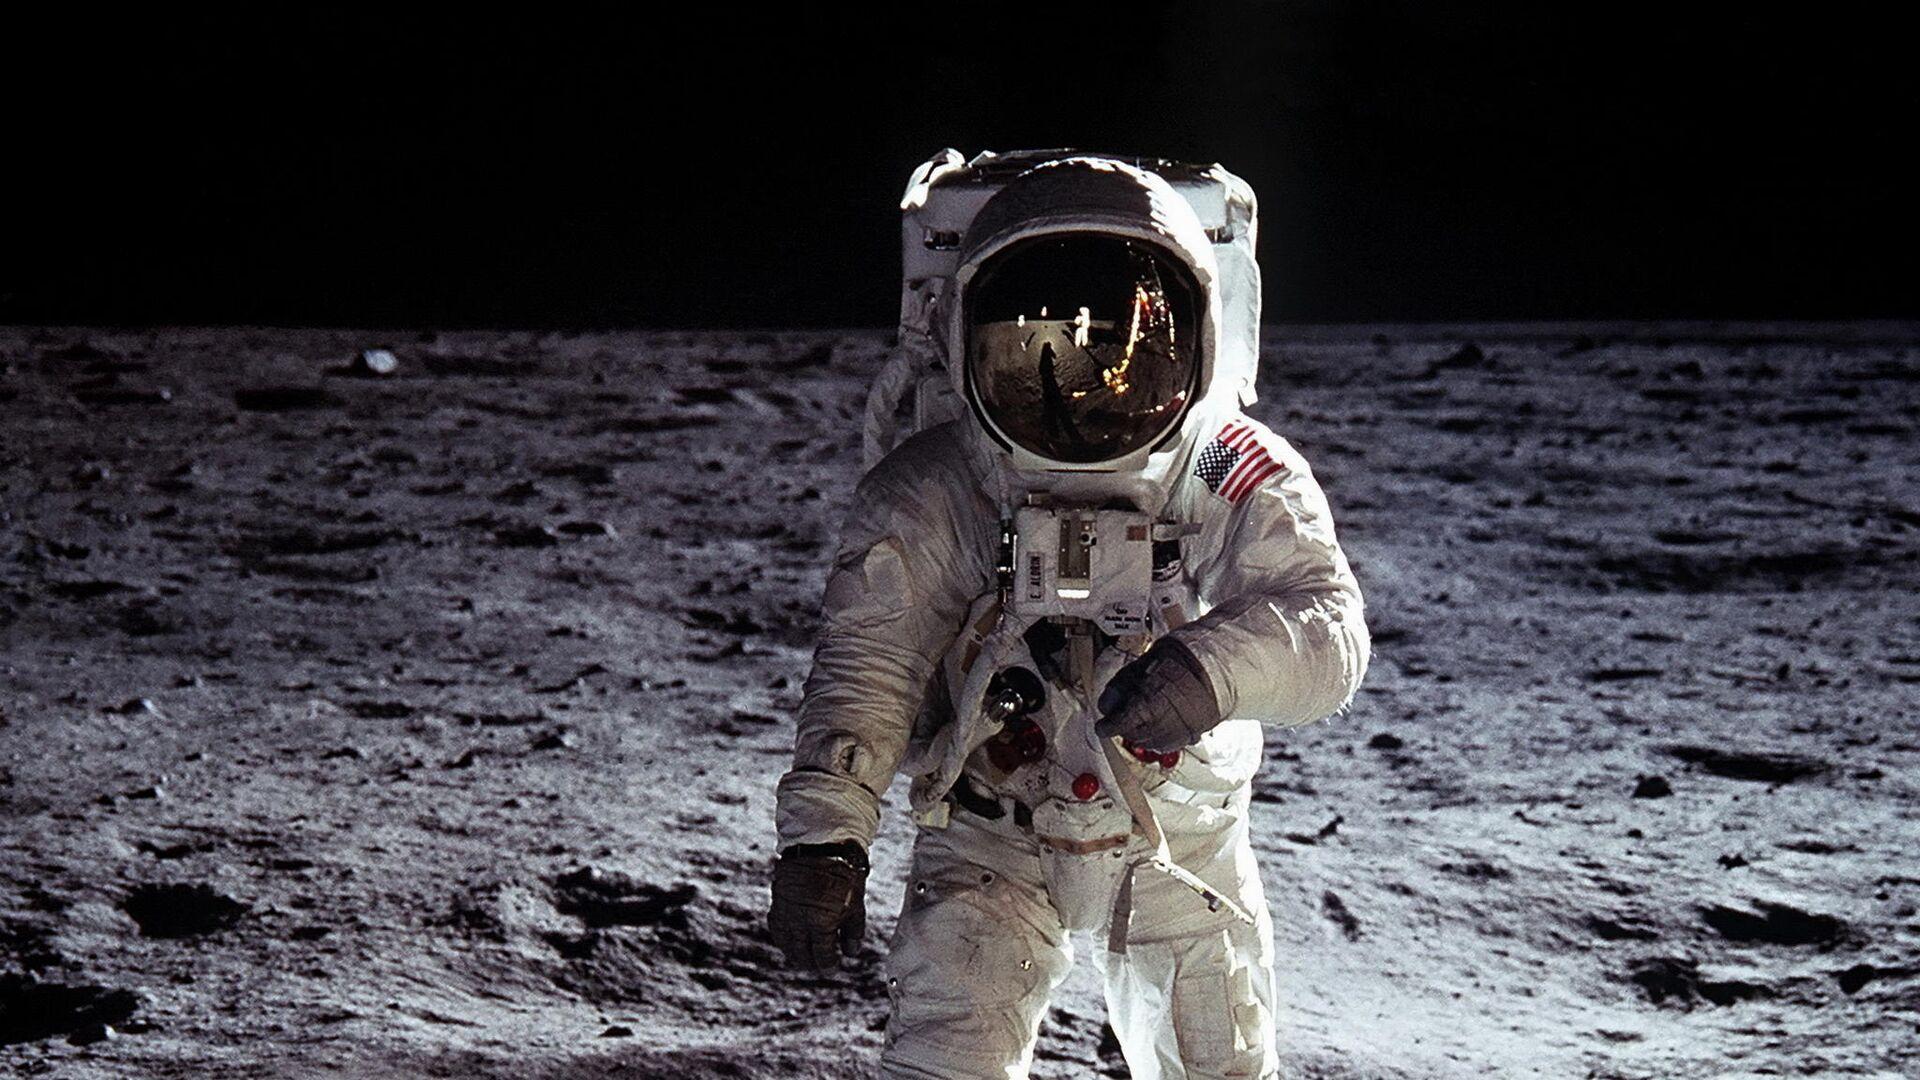 Эдвин Олдрин на поверхности Луны в 1969 году - РИА Новости, 1920, 17.09.2020